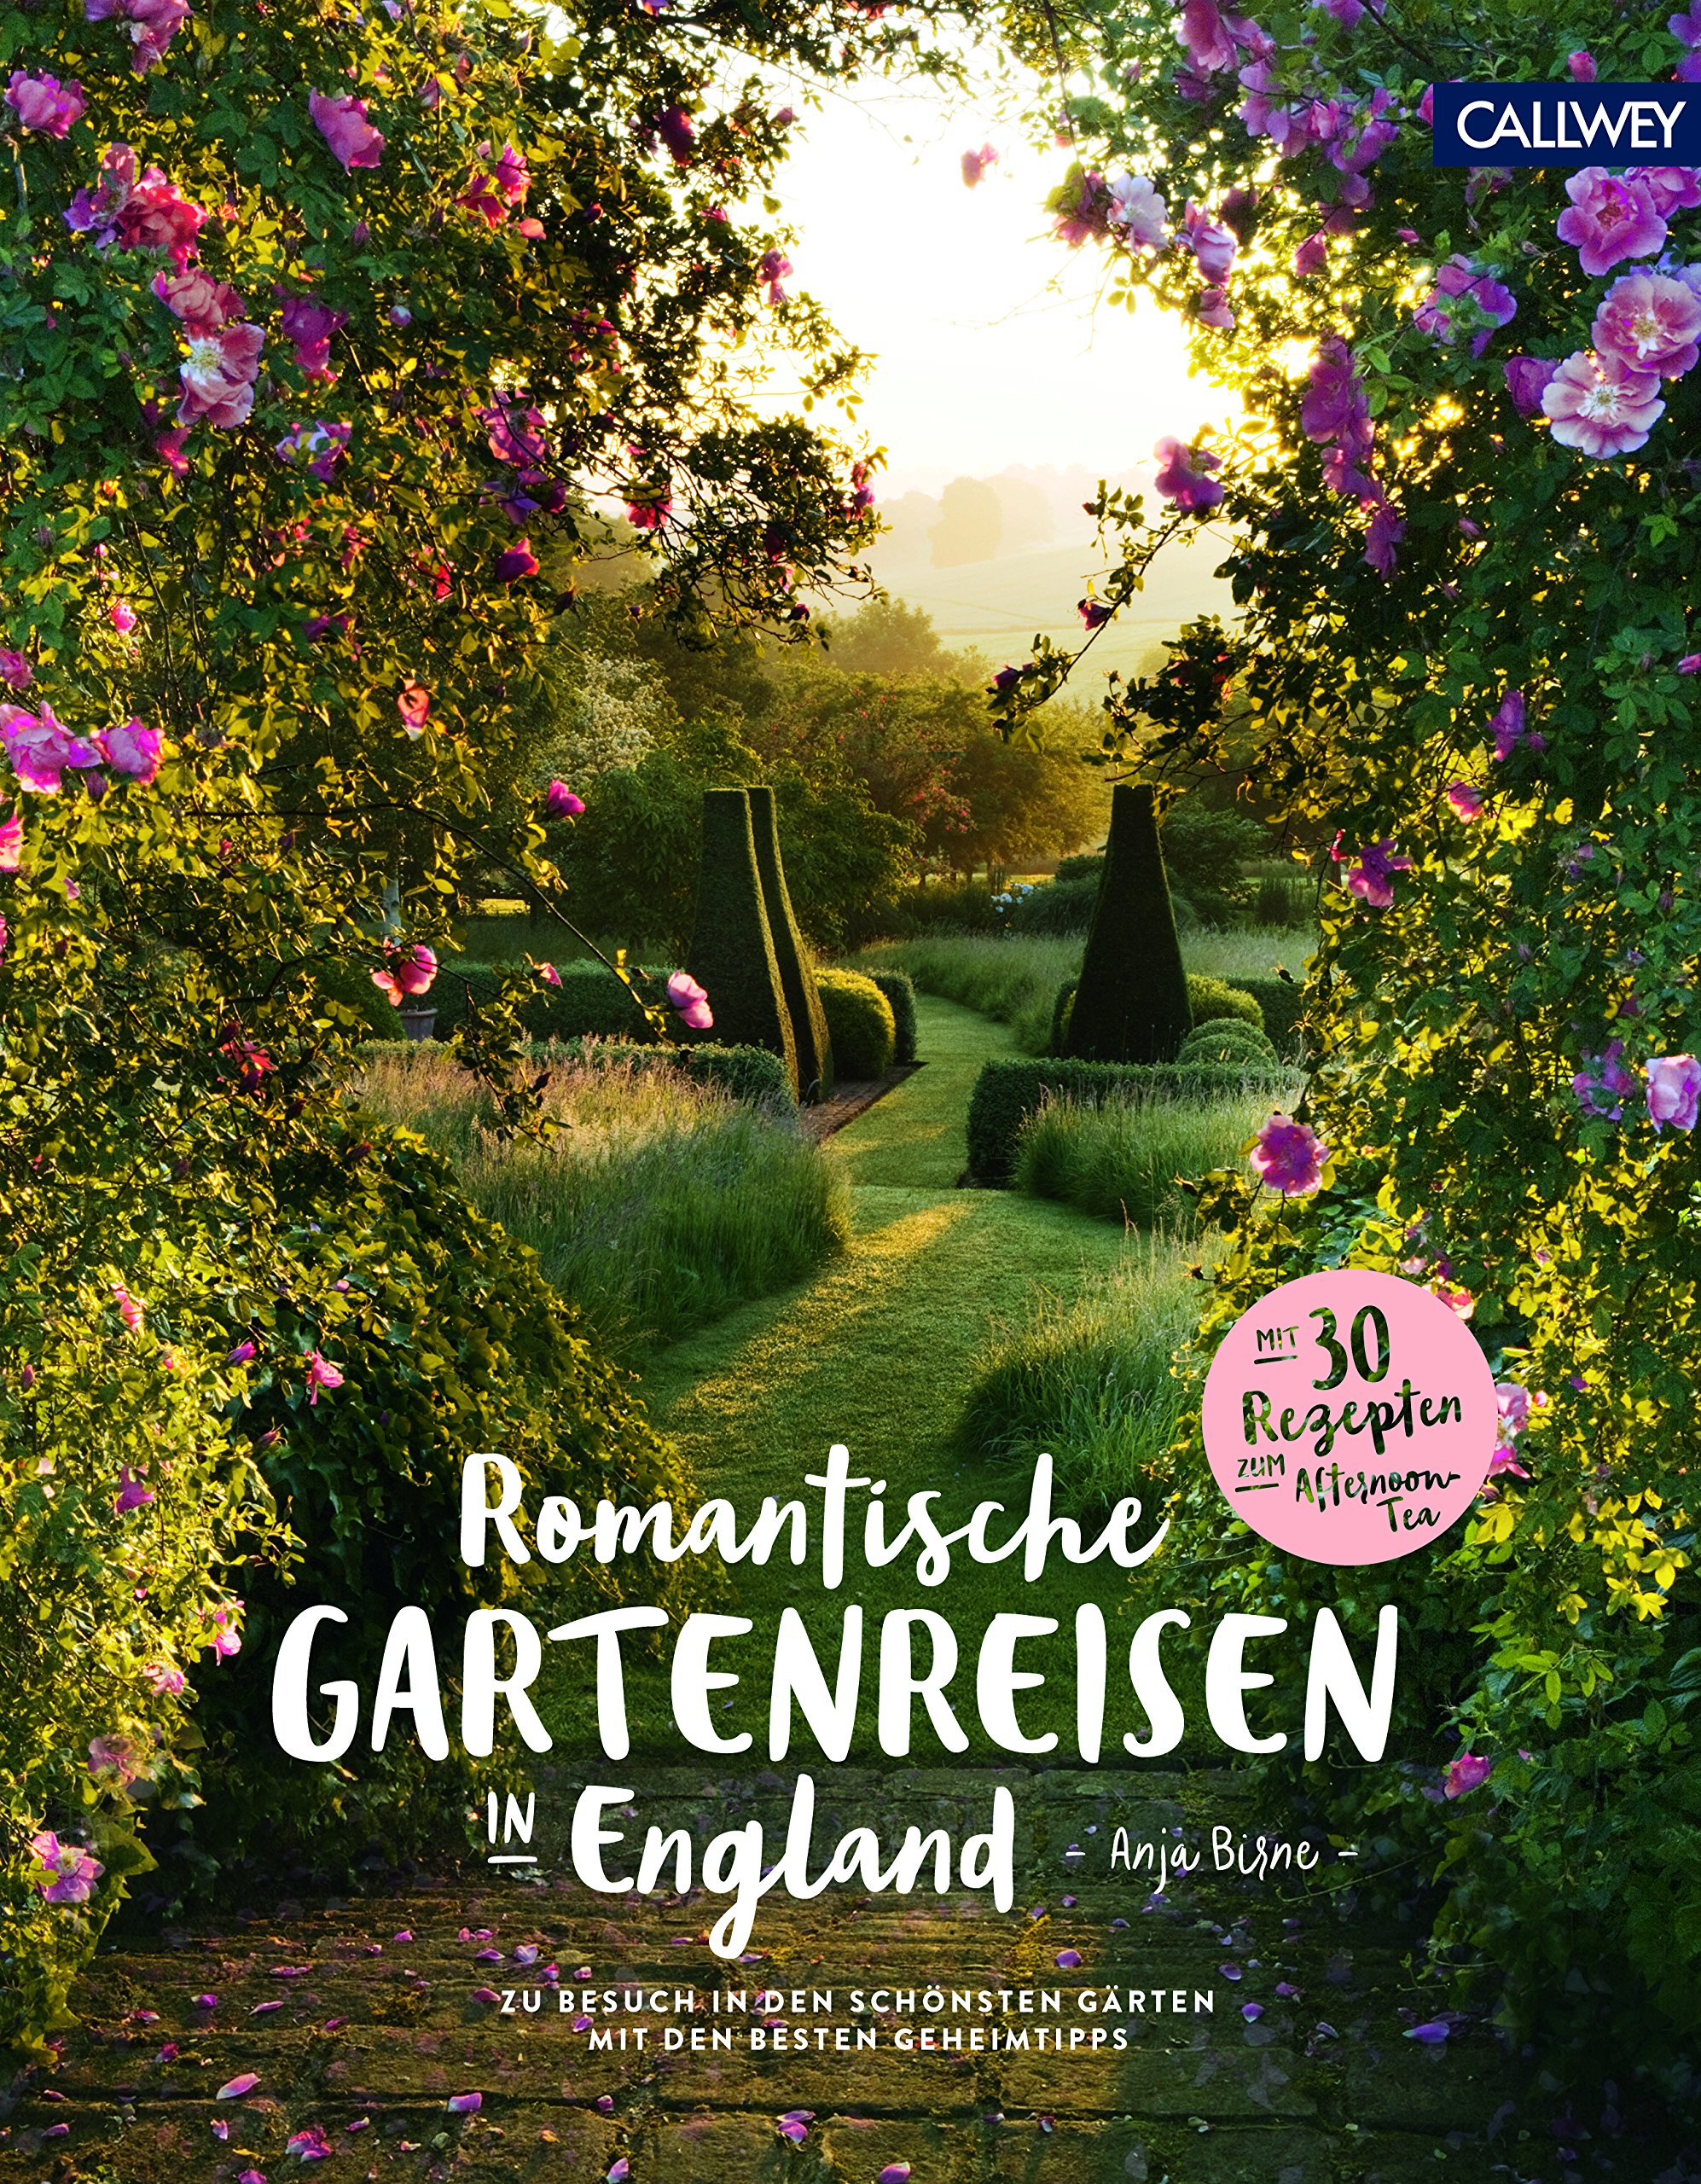 romantische-gartenreisen-in-england-zu-besuch-in-den-schnsten-grten-mit-den-besten-geheimtipps